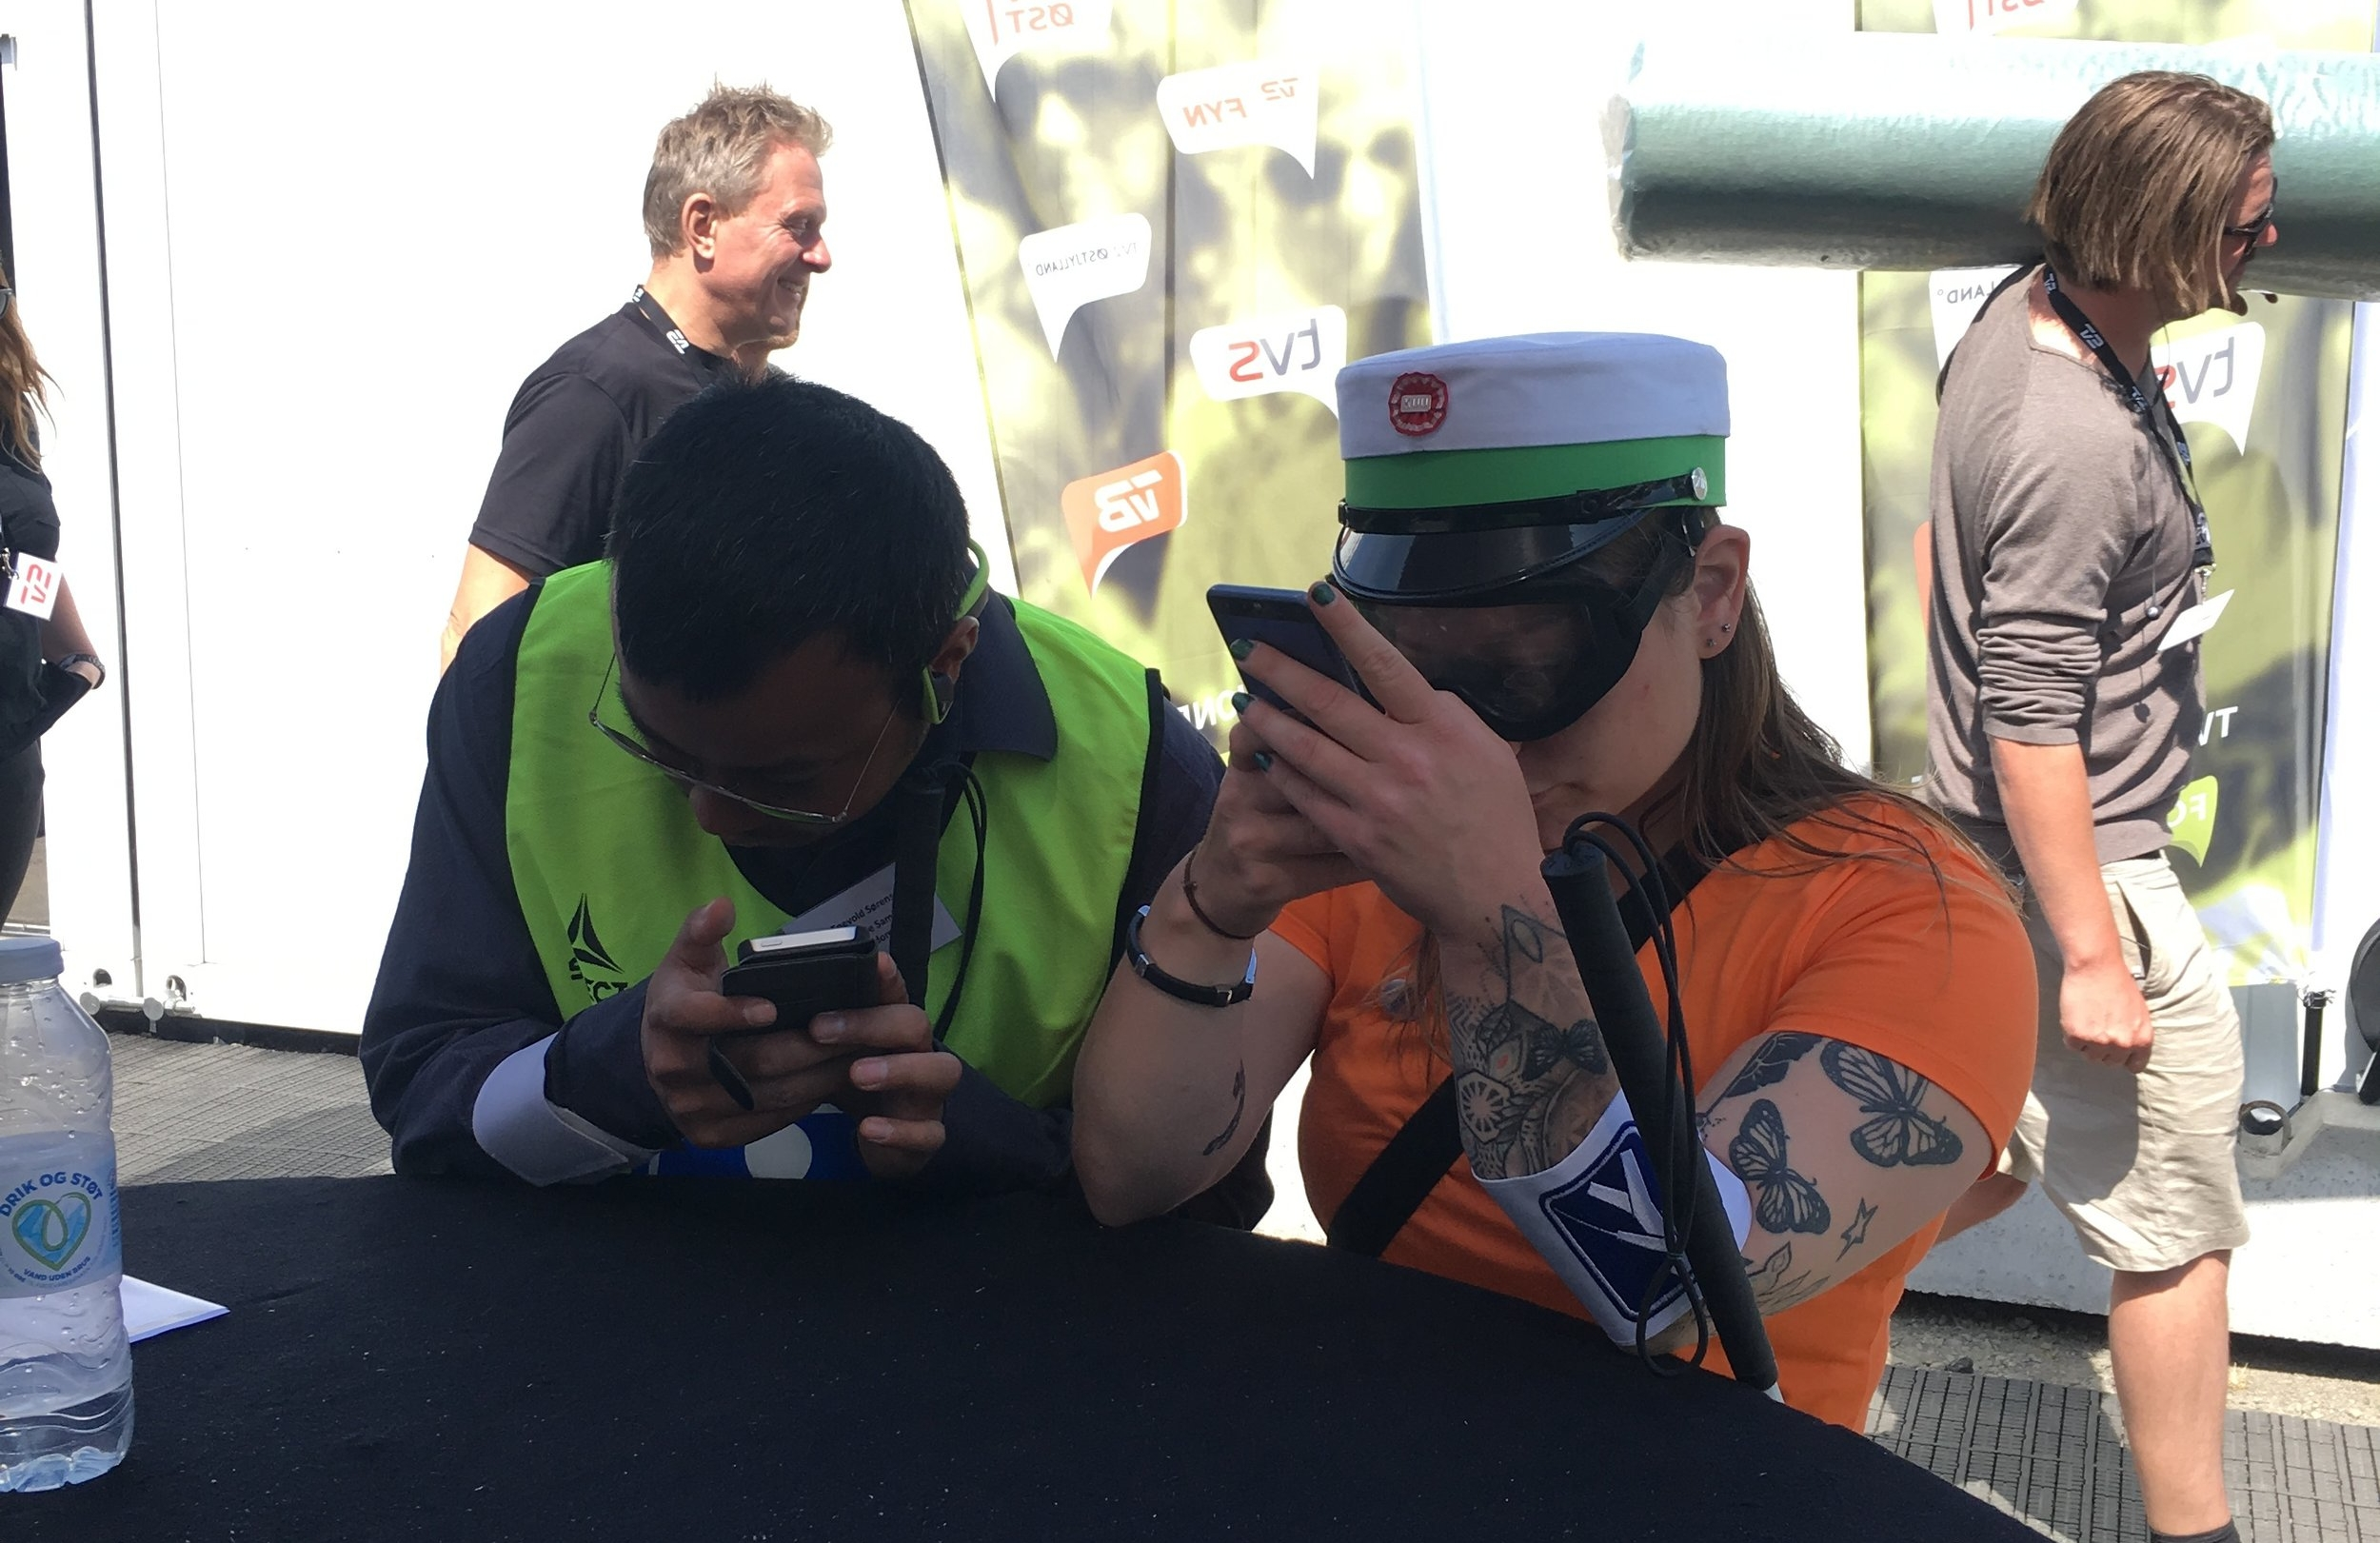 Test af Folkemødets digitale tilgængelighed. Her er det Folkemødets app, der bliver undersøgt med brug af blandt andet Ballasts simulationsbriller, Perspectacles. De to deltagere i Tilgængelighedsstafetten løser stafetopgaven med at finde toiletter. To personer sidder bøjet over deres telefoner. Den ene - en mand - ser ud til at lytte til telefonen. Den anden - en kvinde - har simulationsbrillerne Perspectacles på og holder telefonen helt op foran ansigtet.